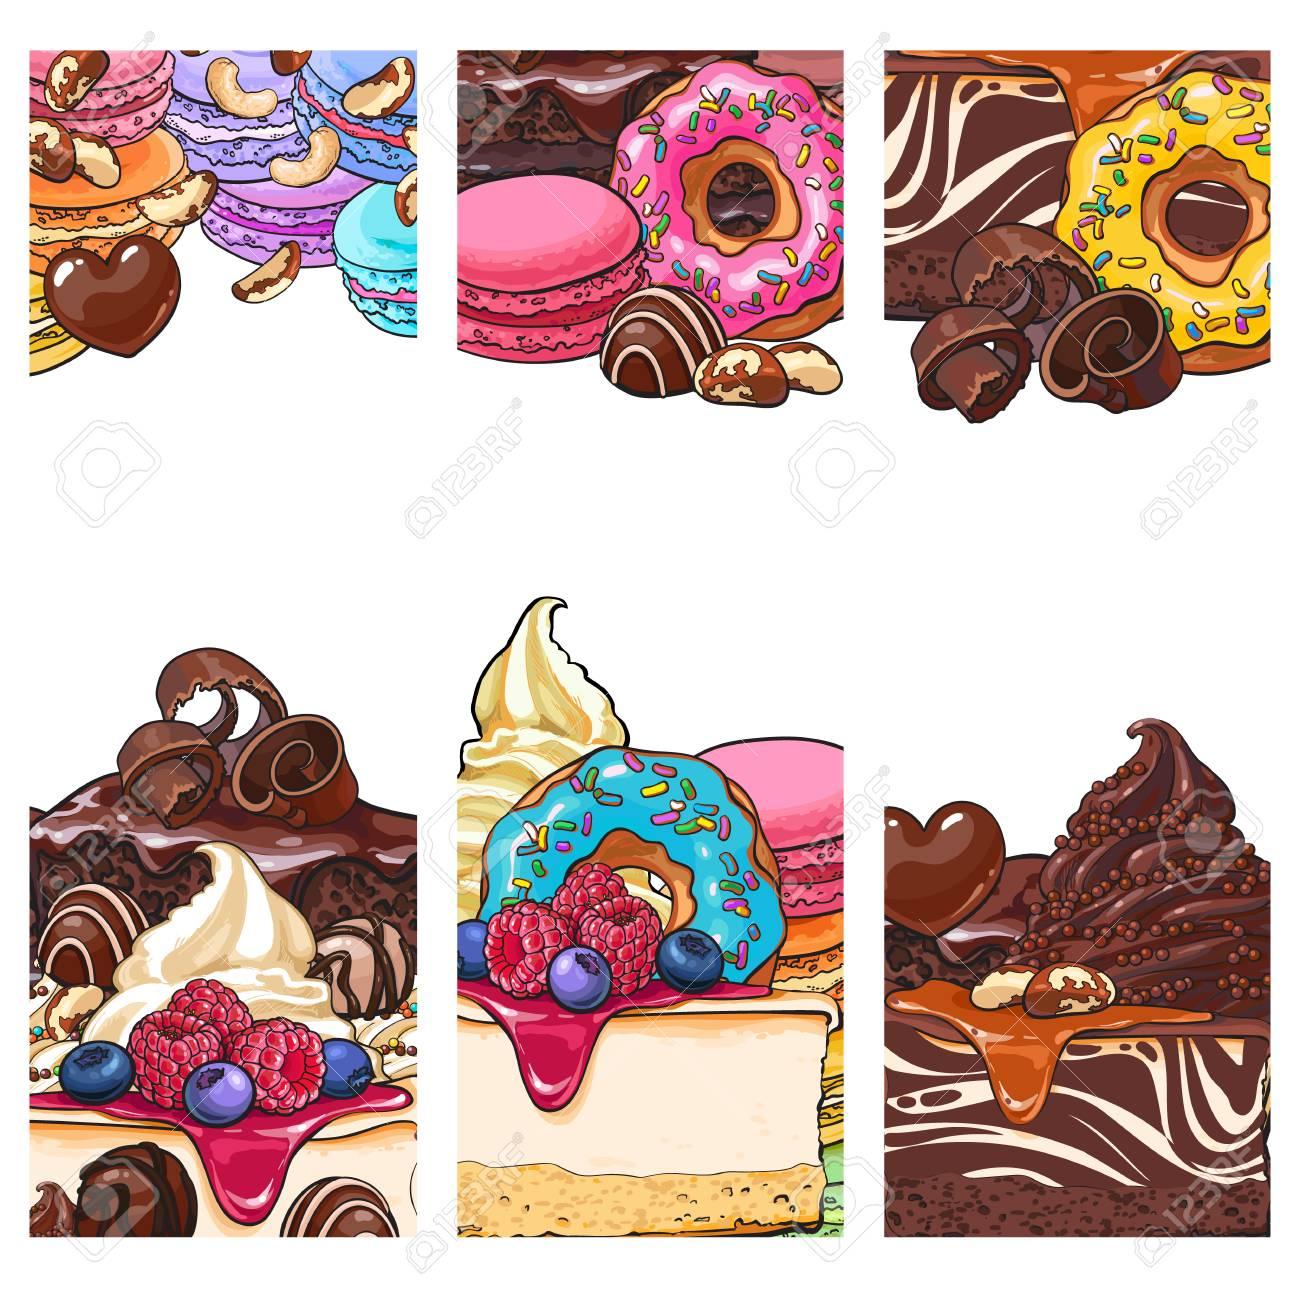 Drei Banner, Etikett, Postkarten Vorlagen Mit Kuchen, Desserts ...